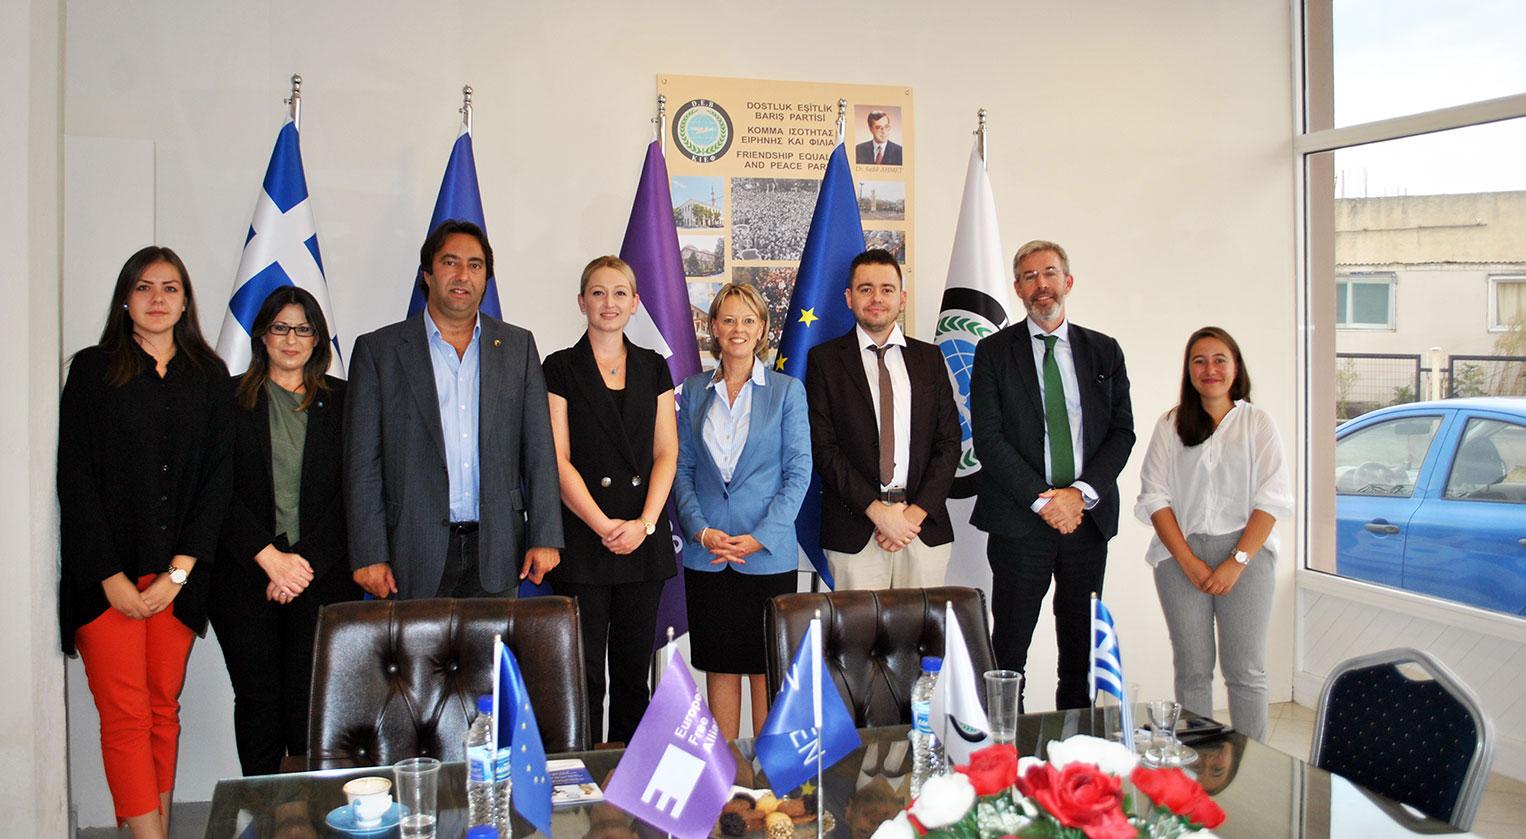 İsveç'in Atina Büyükelçisi Charlotte Sammelin DEB Partisini ziyaret etti